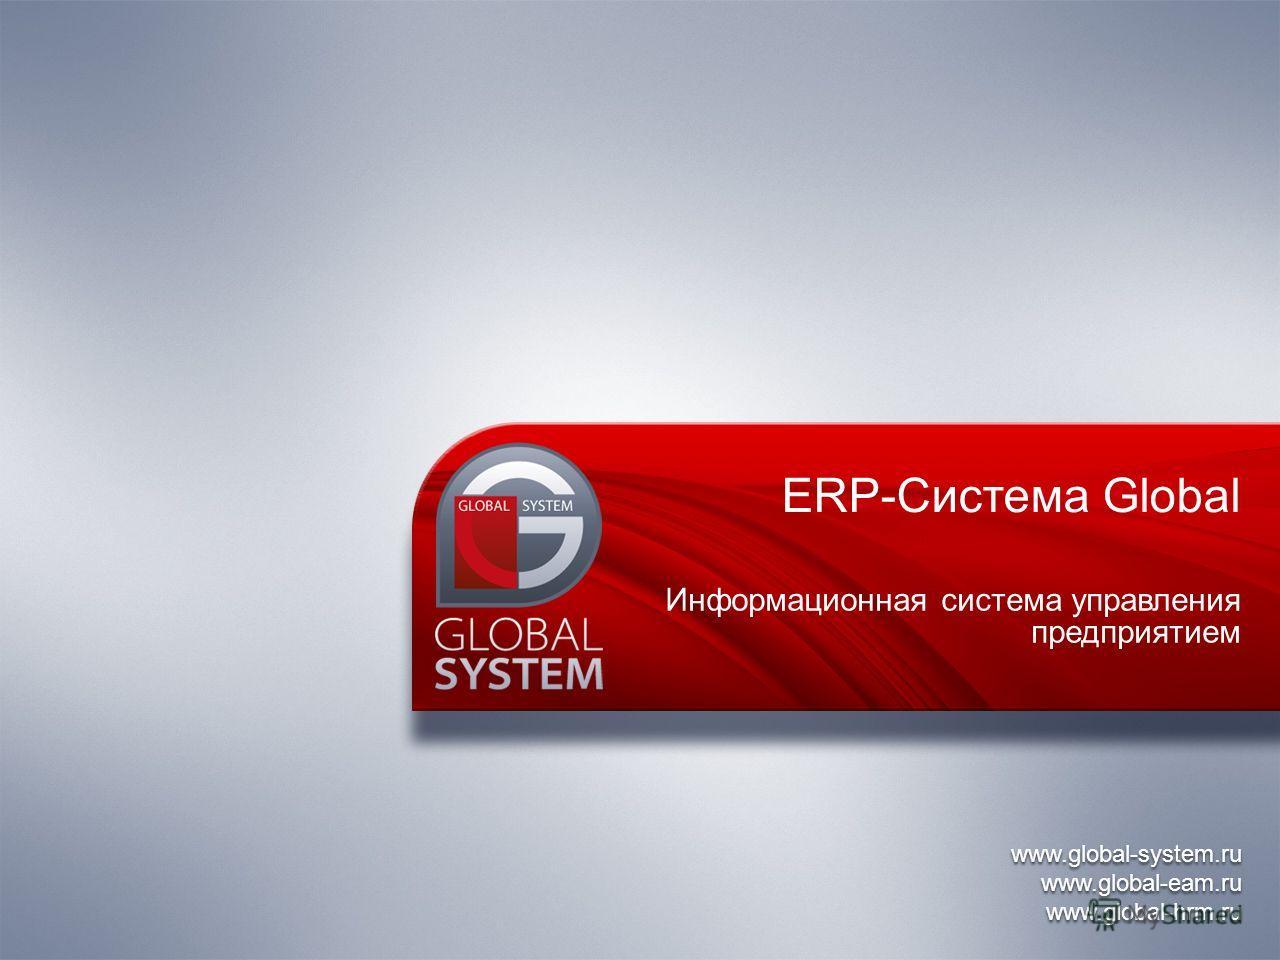 www.global-system.ru www.global-eam.ru www.global-hrm.ru www.global-system.ru www.global-eam.ru www.global-hrm.ru ERP-Система Global Информационная система управления предприятием